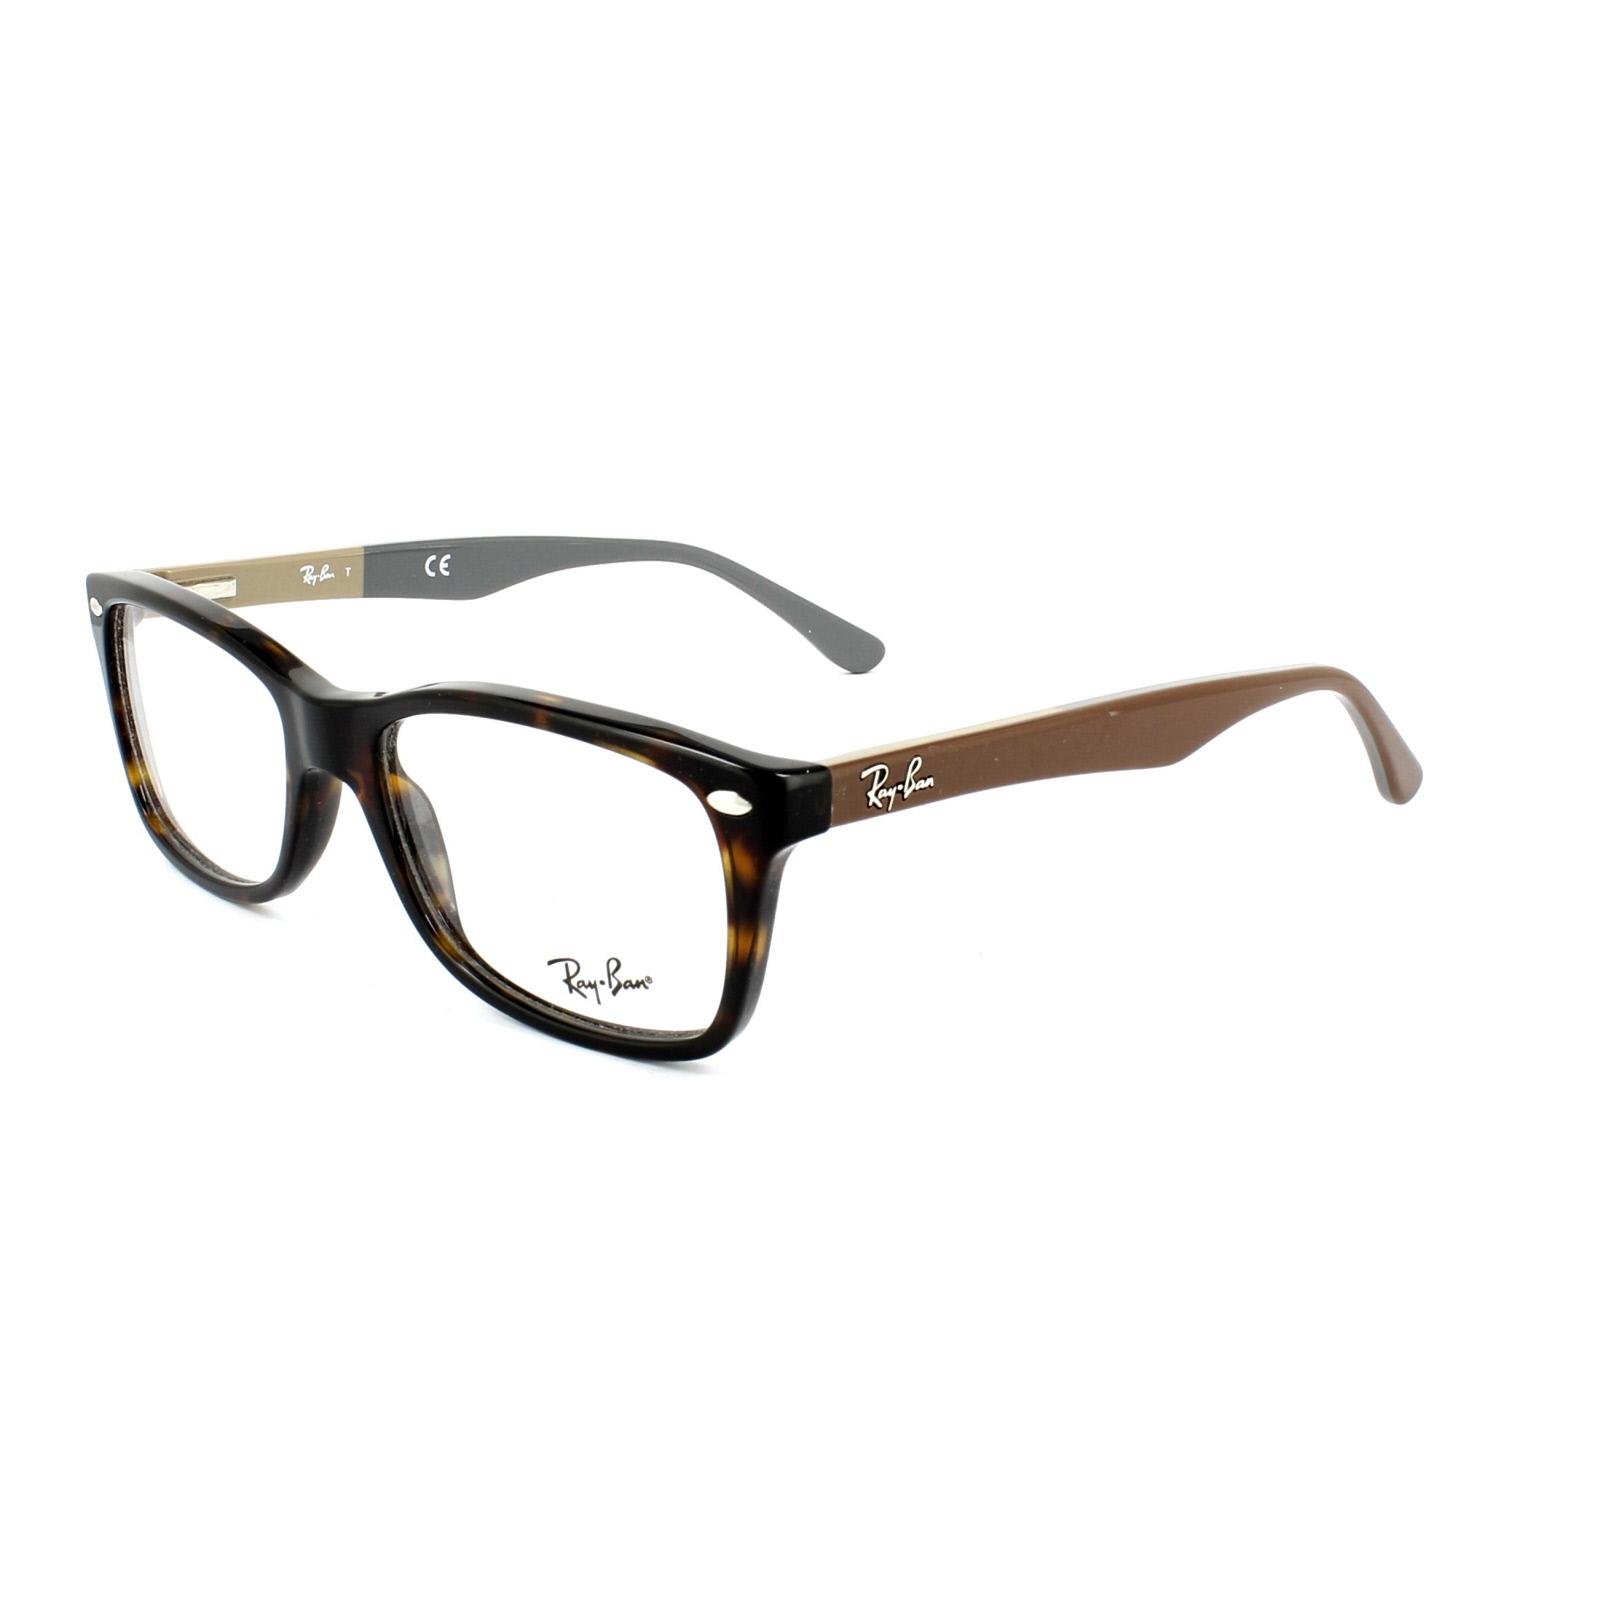 ray ban glasses frames 5228 5545 havana brown on beige. Black Bedroom Furniture Sets. Home Design Ideas